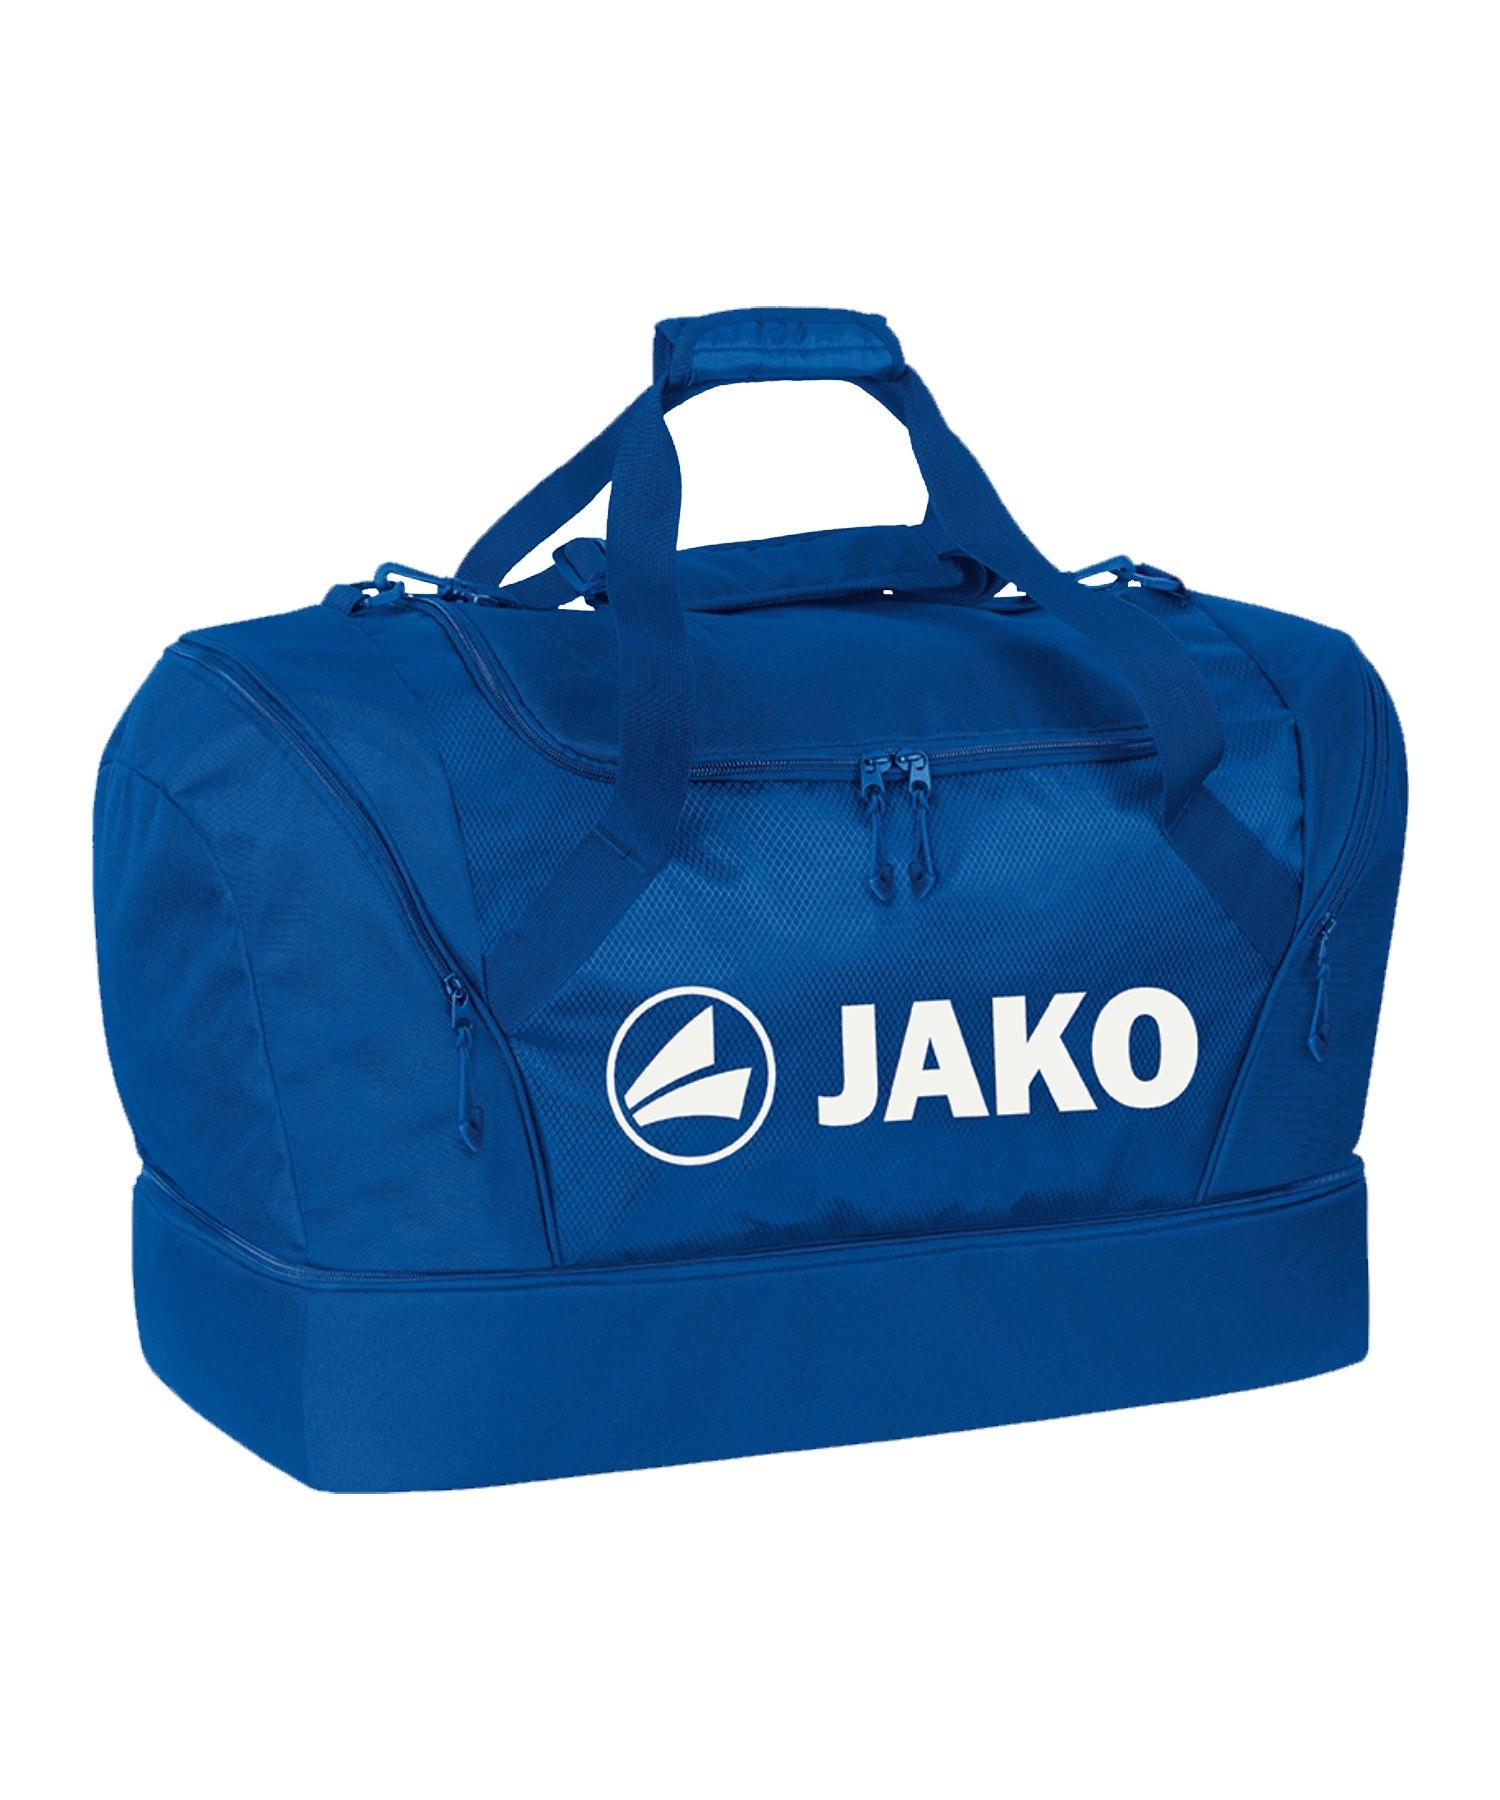 JAKO Sporttasche mit Bodenfach Senior Blau F04 - blau